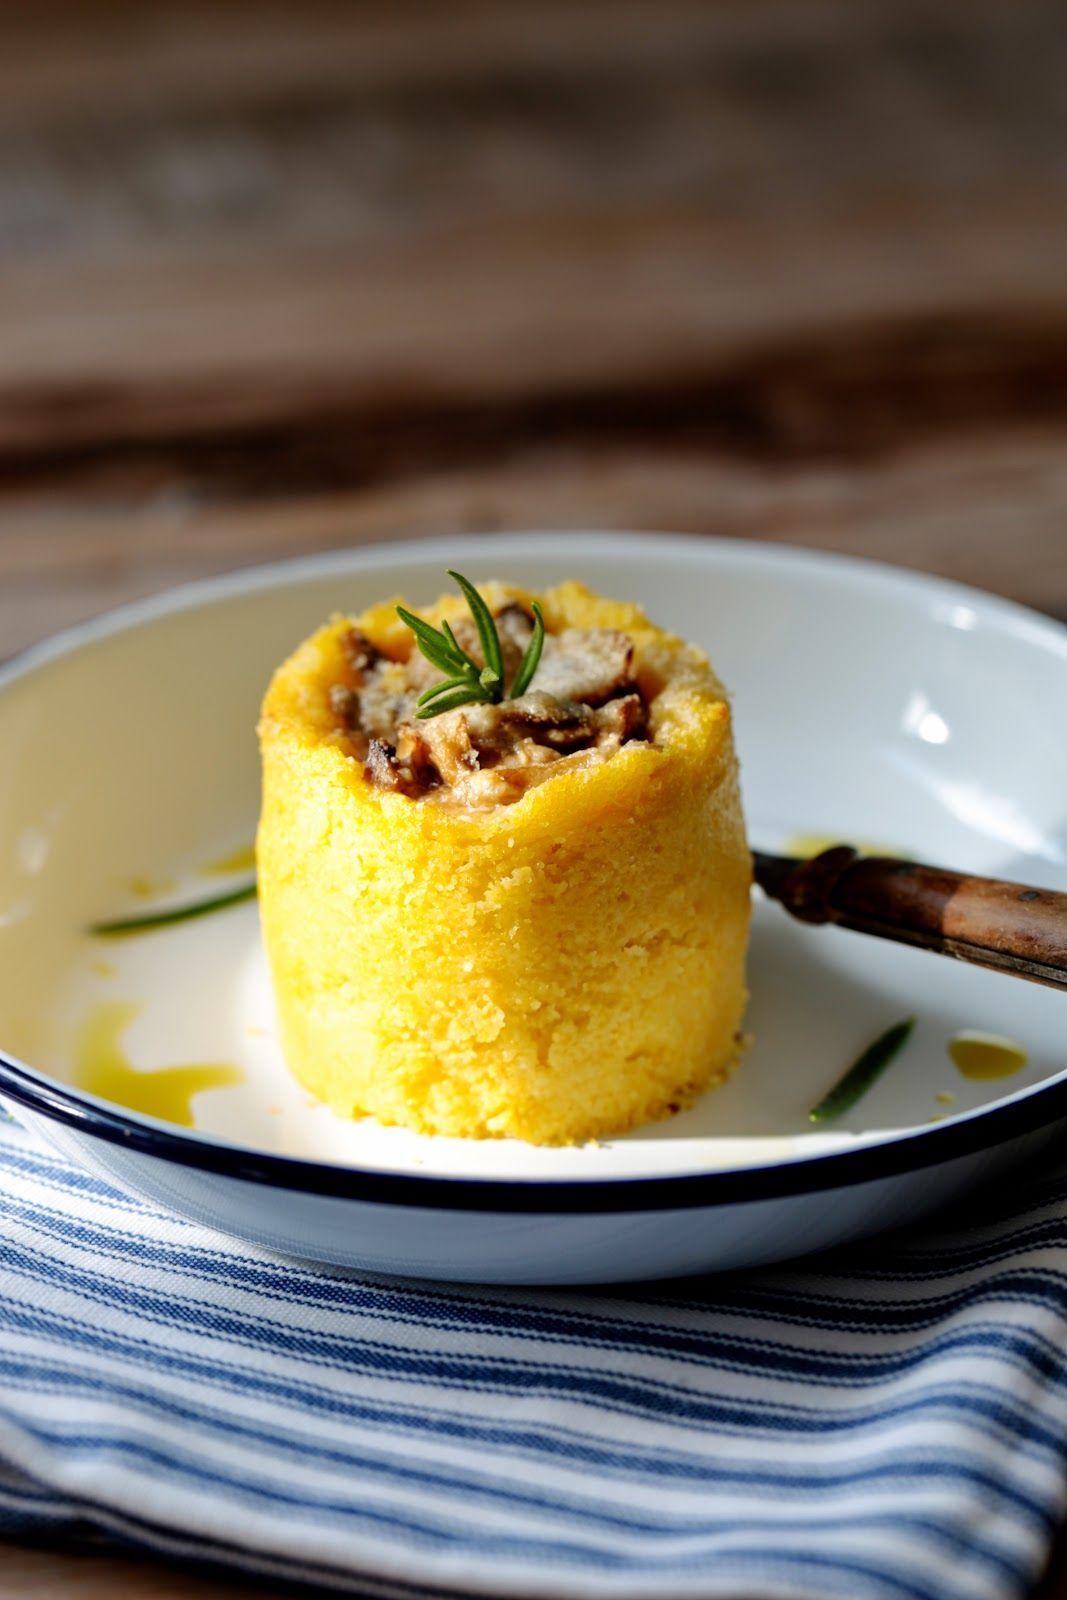 Blog De Recettes De Cuisine Rapide Facile Gourmande Creative Du Quotidien Pour Toute La Famille Recettes De Cuisine Recette De Cuisine Rapide Recette